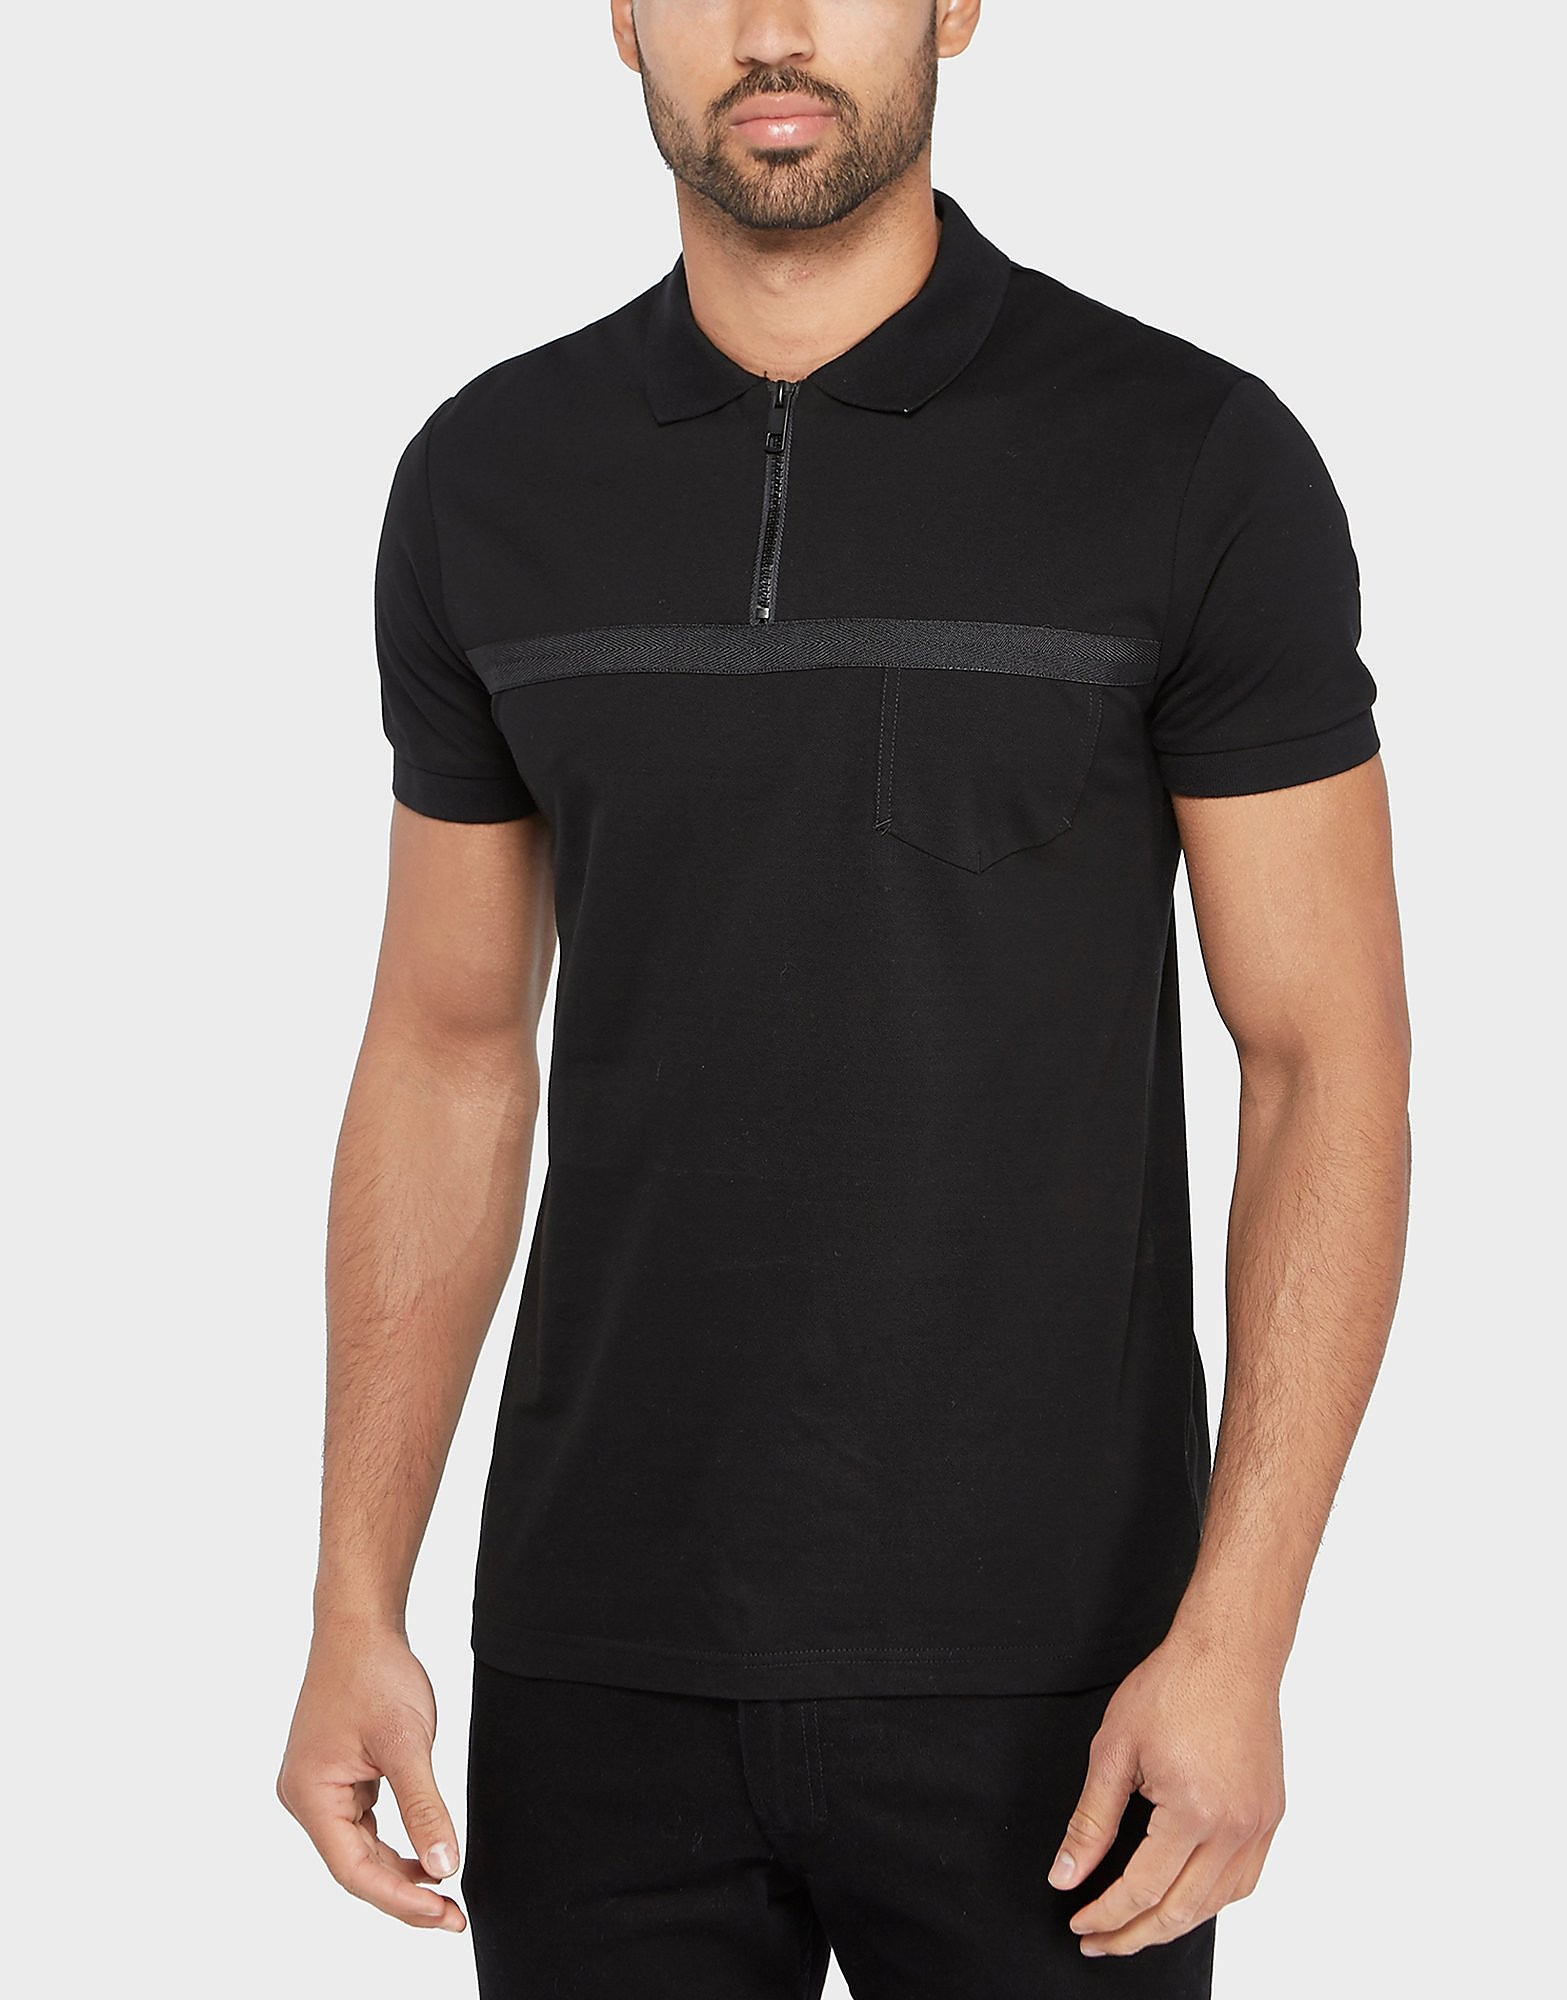 Antony Morato Zip Short Sleeve Polo Shirt